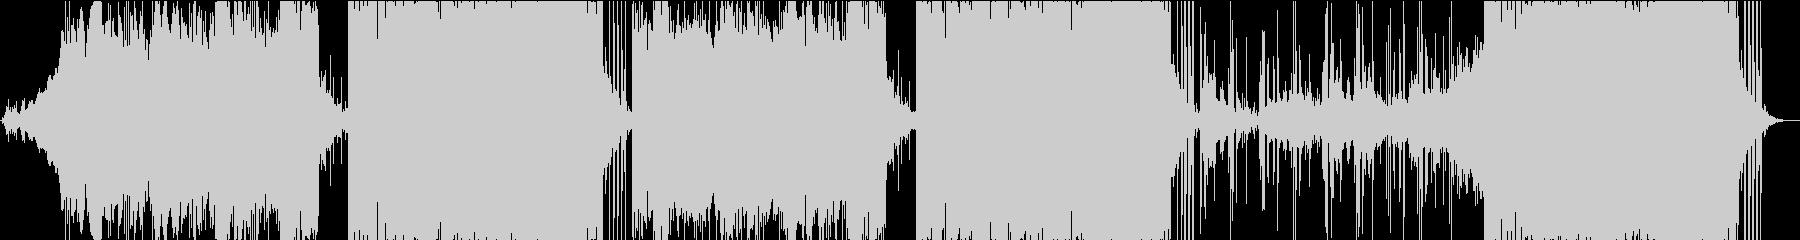 シネマティック、ヒップホップの未再生の波形